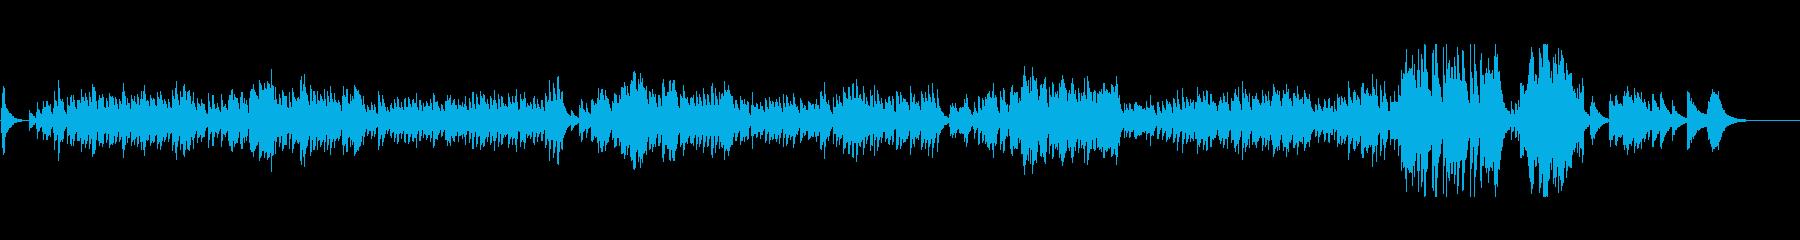 ノクターンをエレクトリックピアノでの再生済みの波形